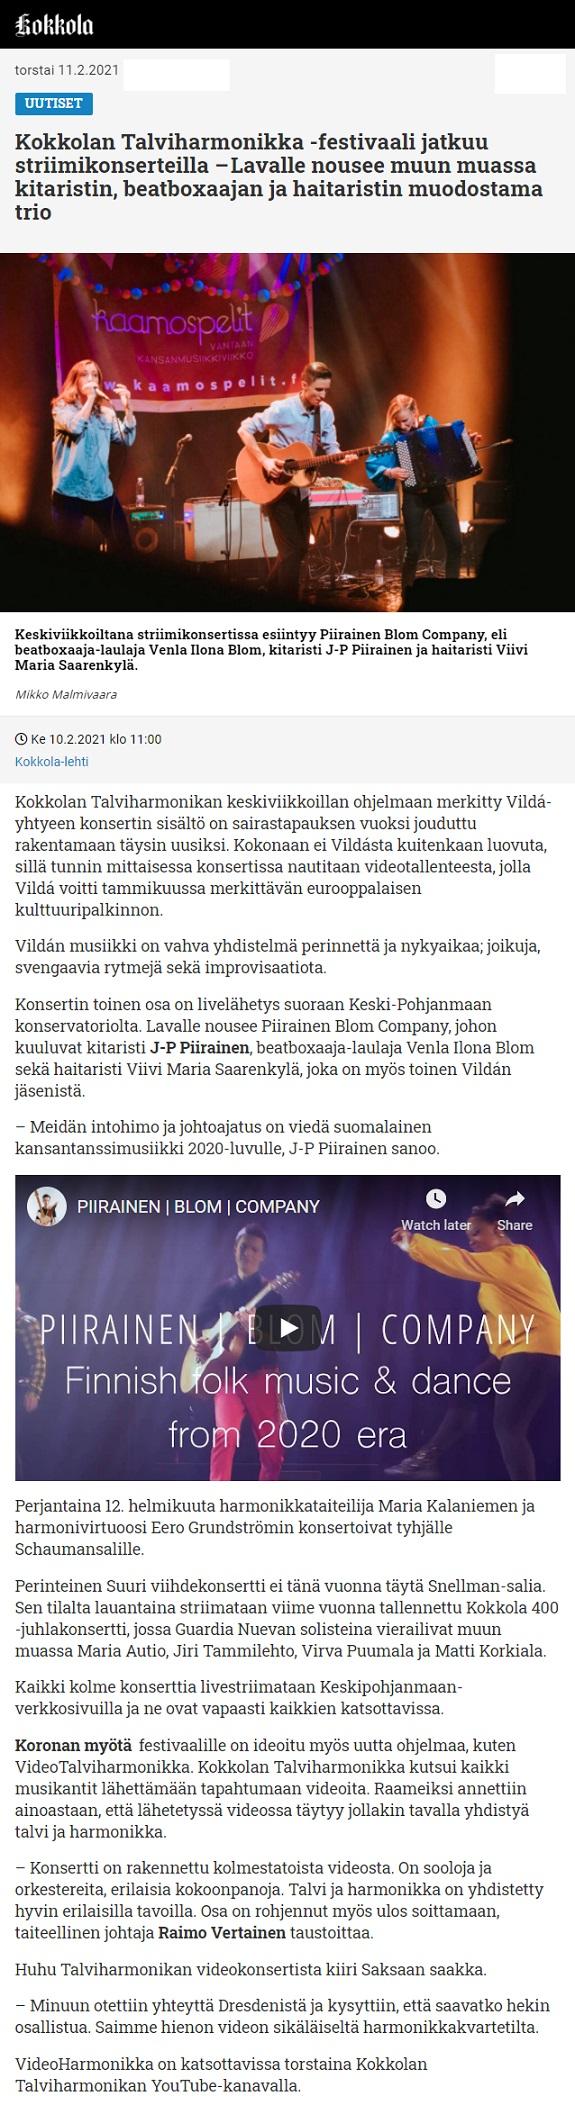 Kokkola-lehti (Finland), 10.2.2021